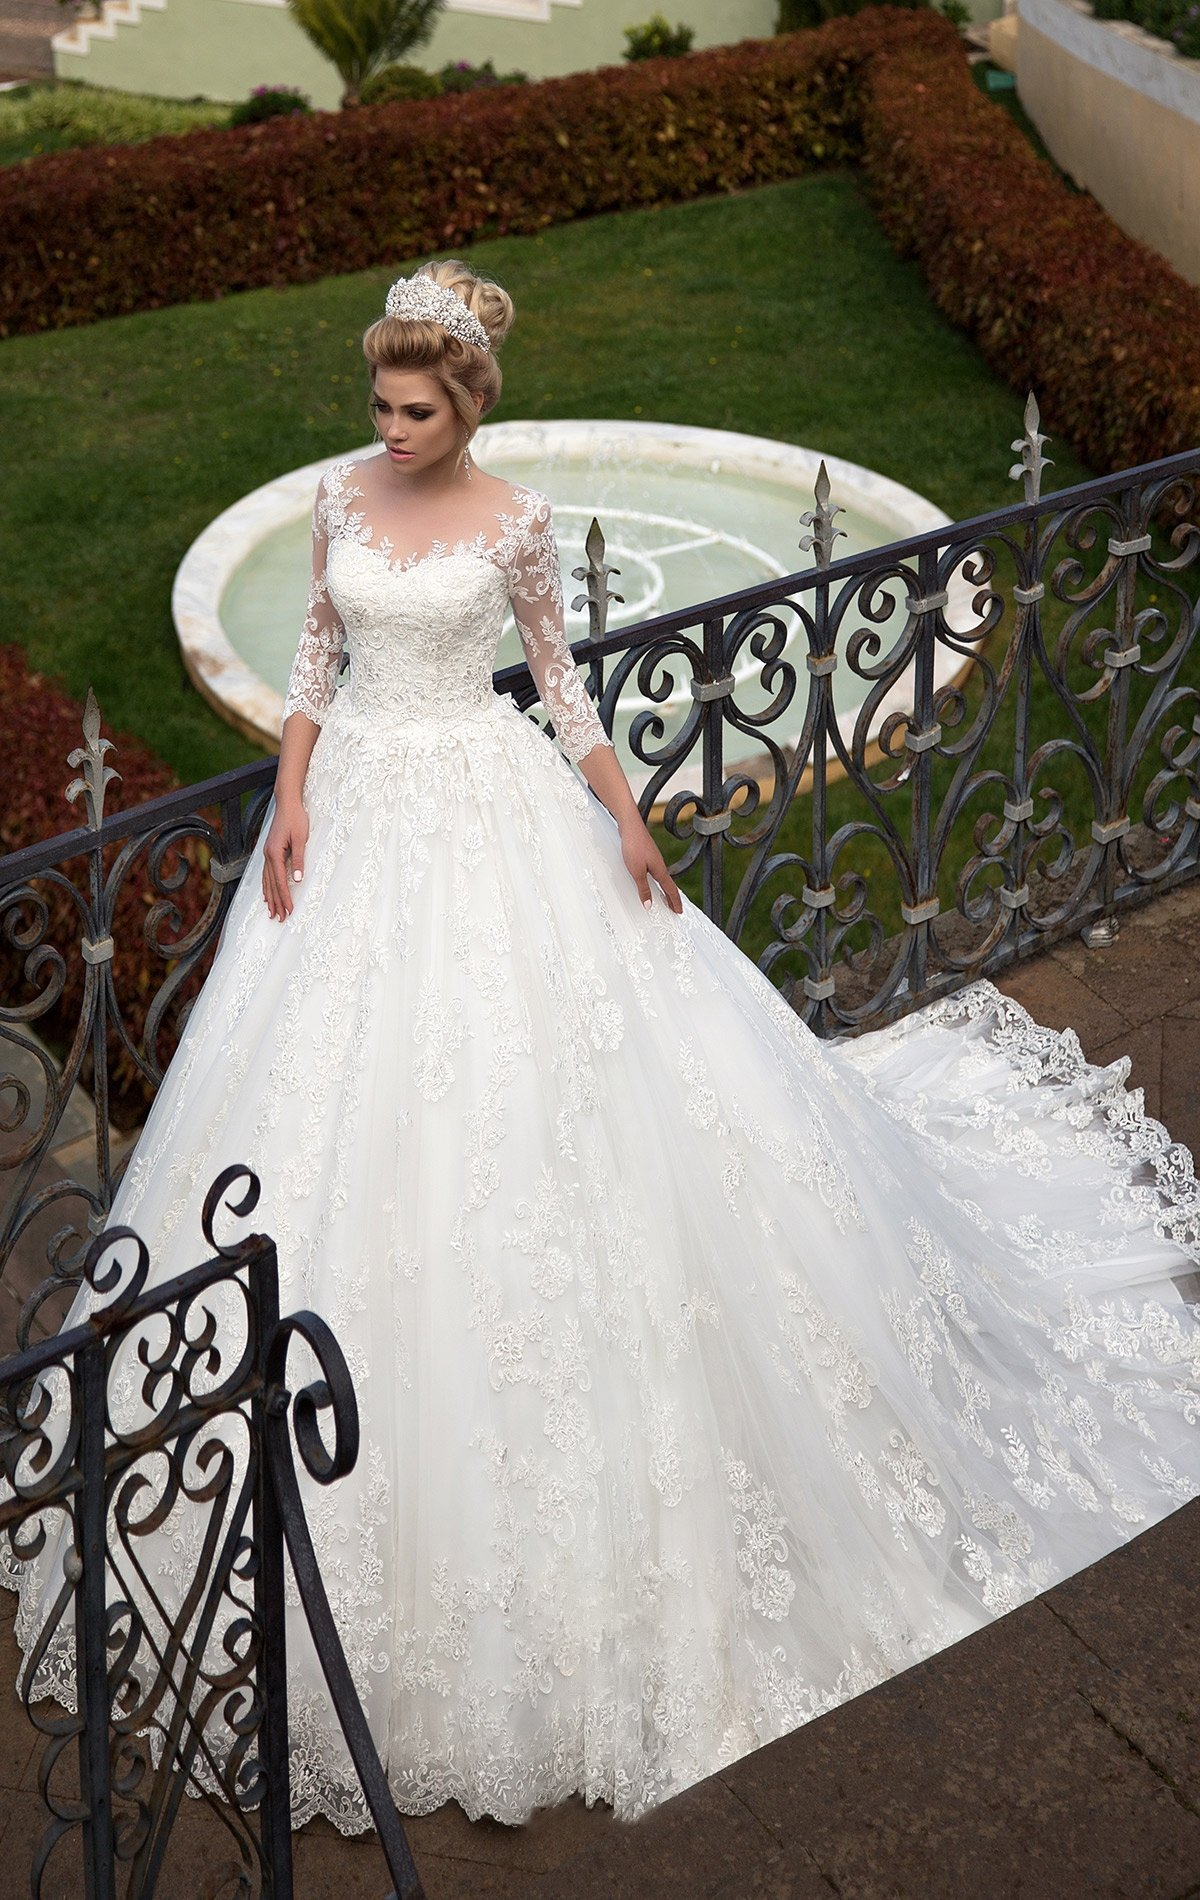 5ac80e6980e Пышное свадебное платье с романтичным тонким кружевом отделки и царственным  шлейфом.